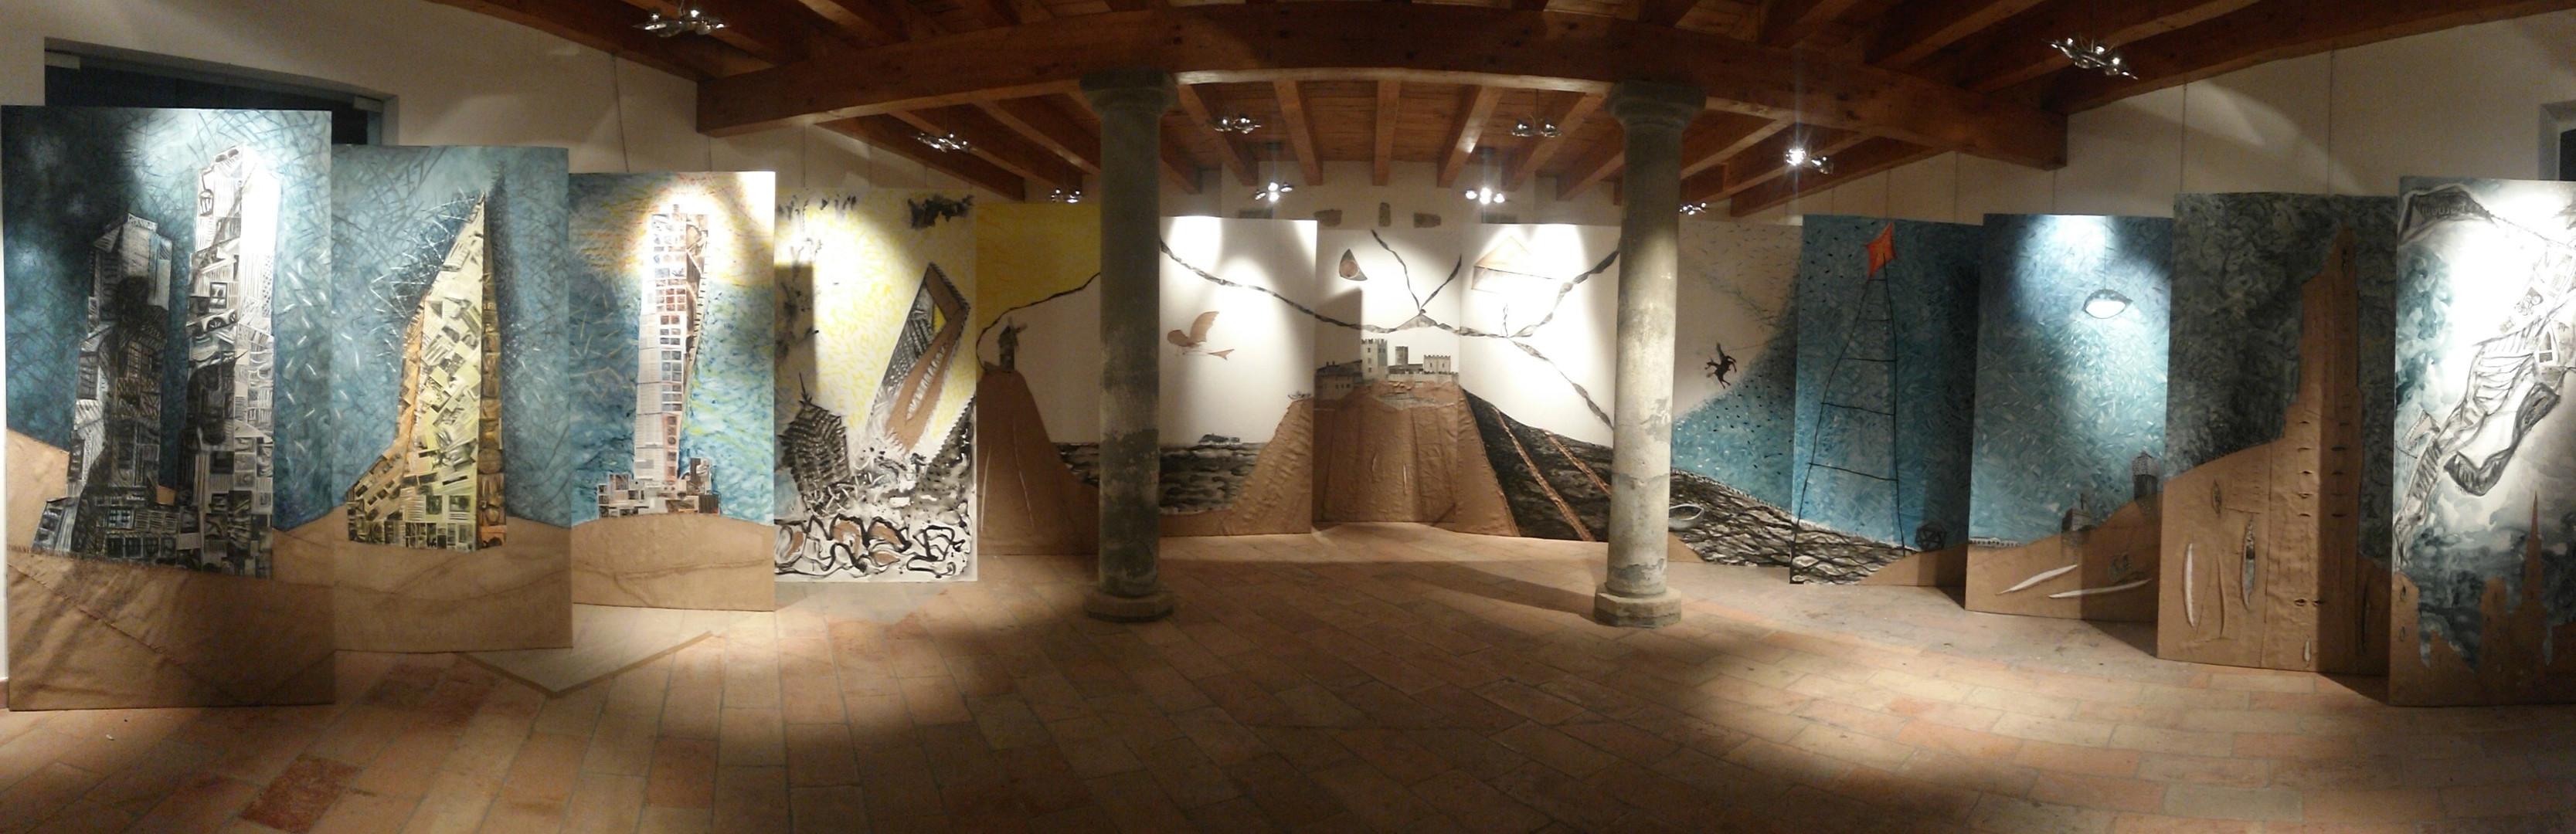 Panoramica Quixote.jpg